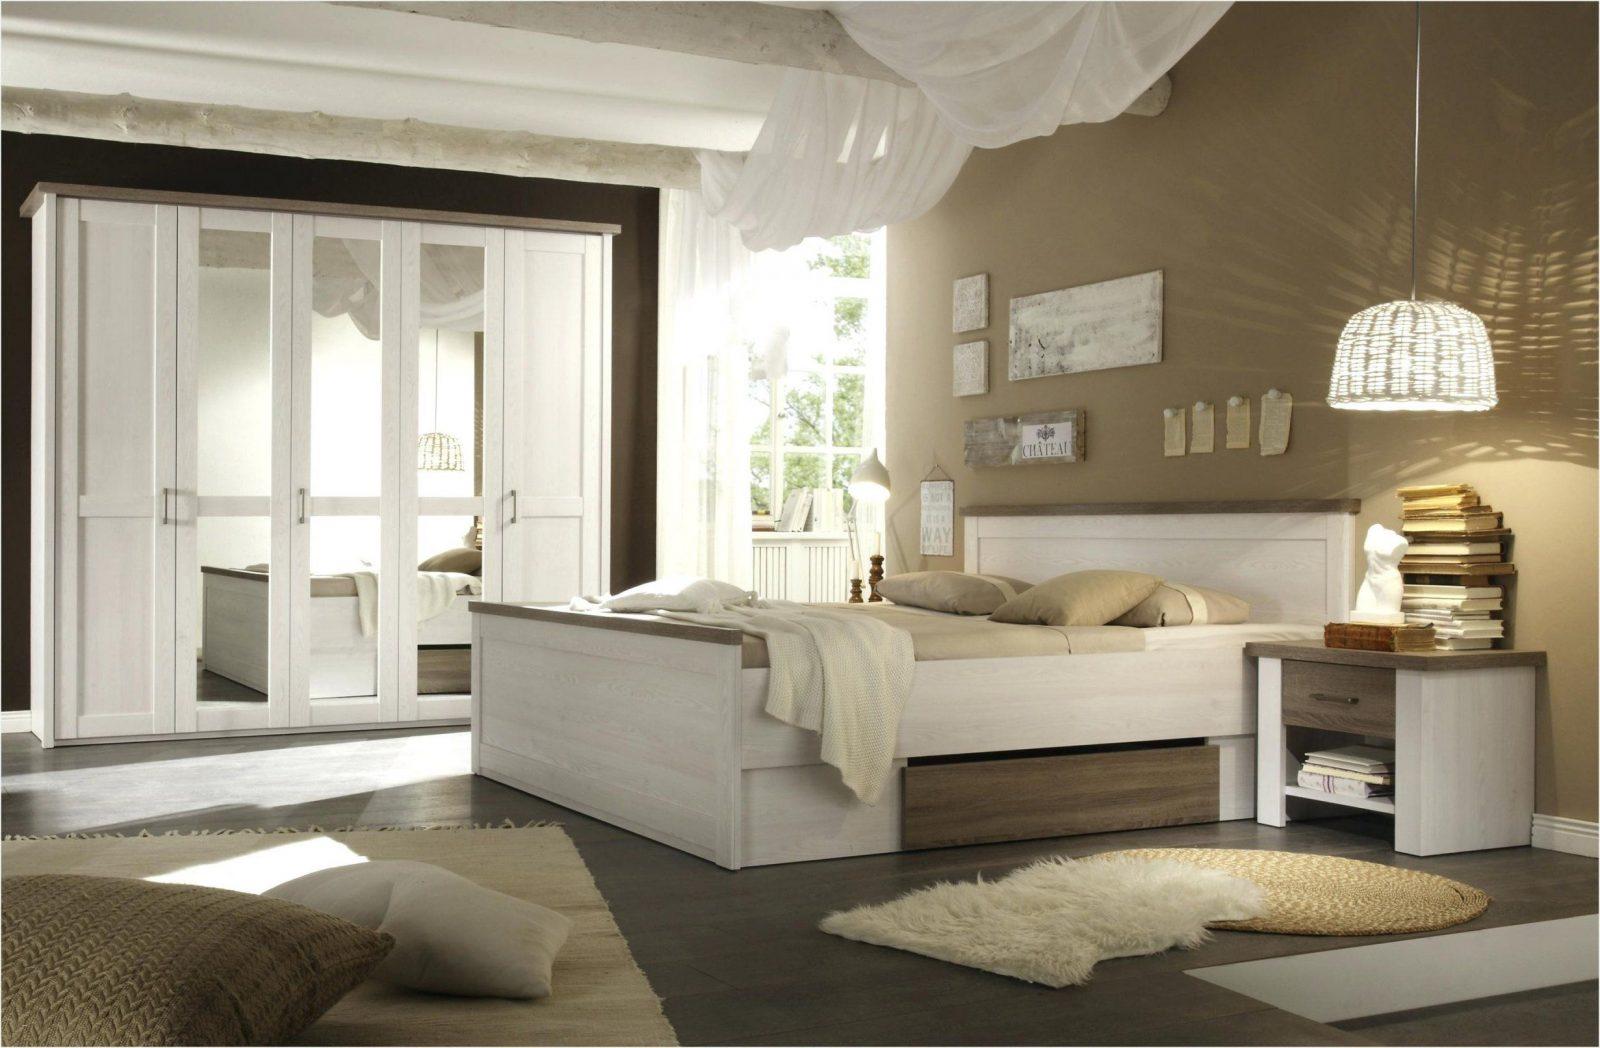 Wohnideen Ideen 1 Zimmer Wohnung Einrichten Und Einzigartig 4 Qm Von